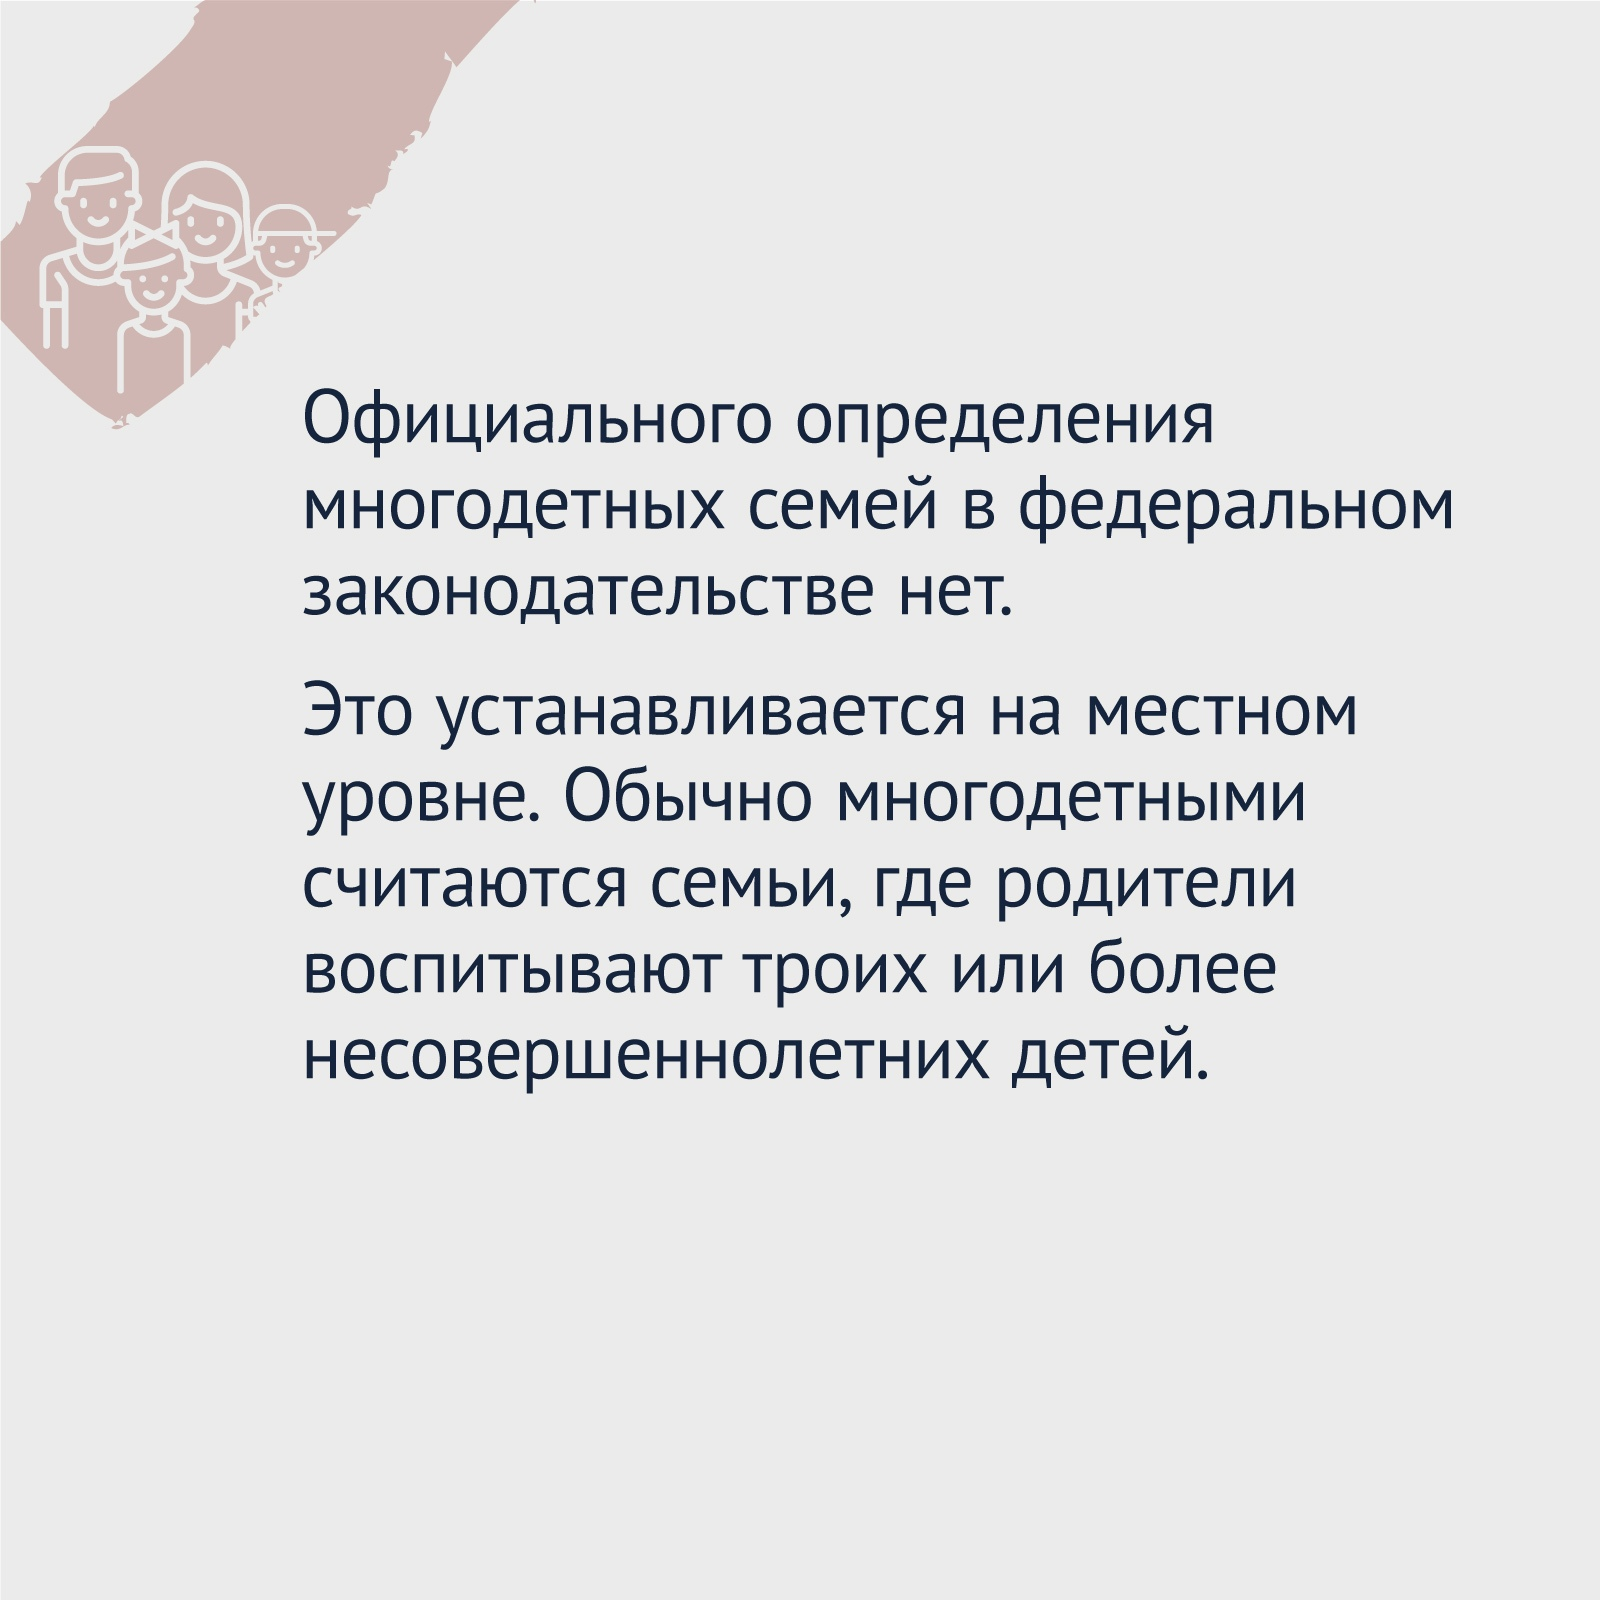 https://sun7-9.userapi.com/c858032/v858032646/16a4ec/QOhvIg1Z_VU.jpg